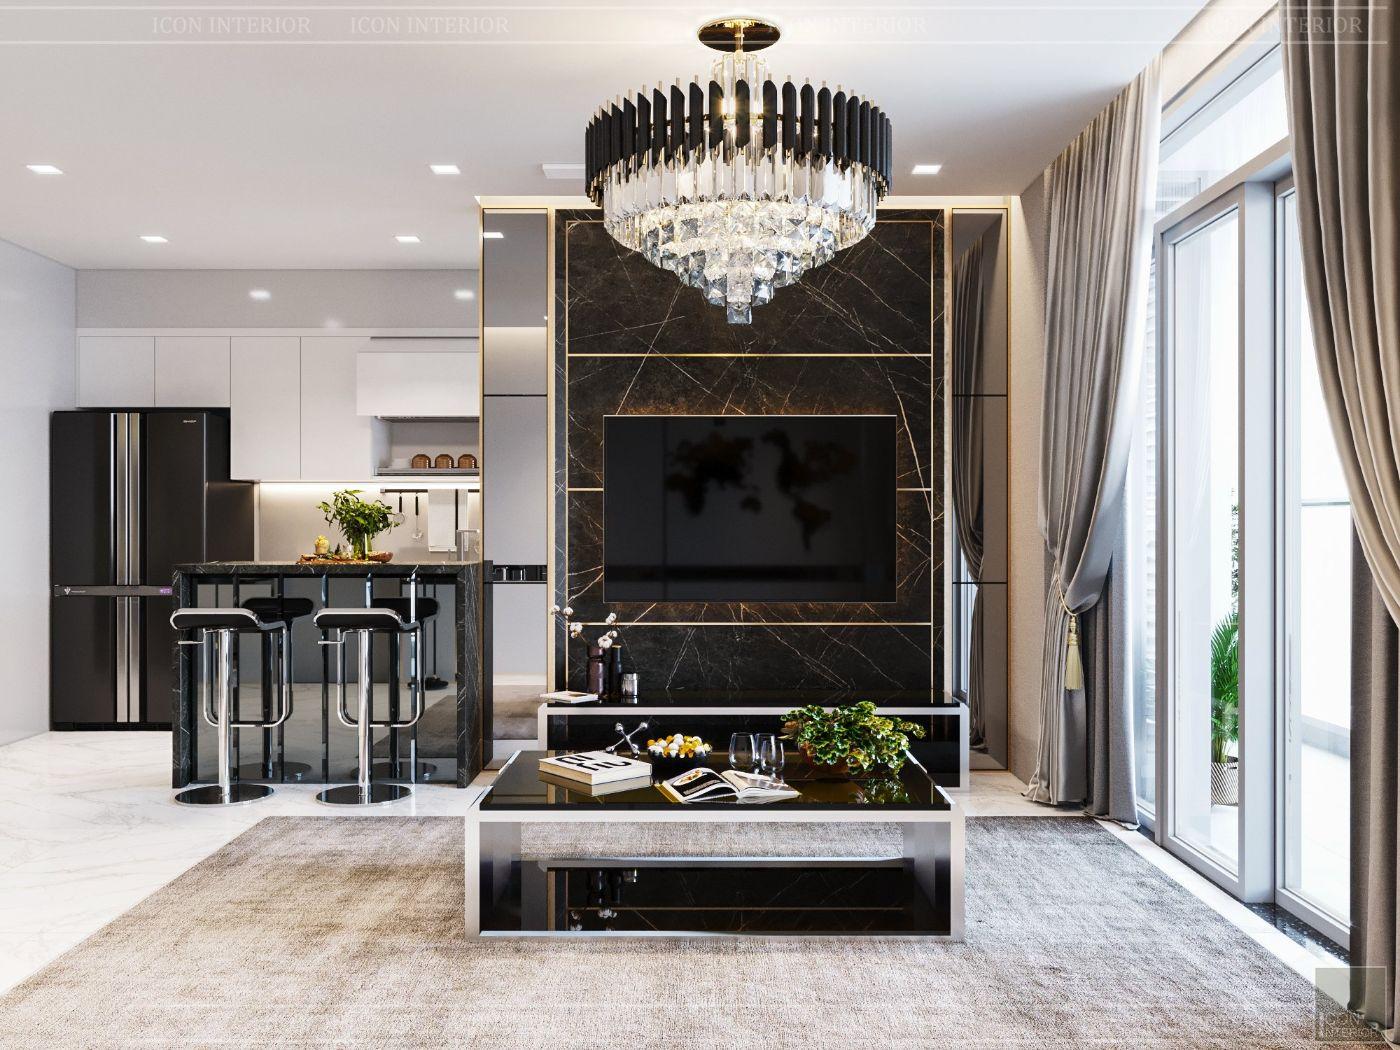 thiết kế nội thất nhà hiện đại - phòng khách 2